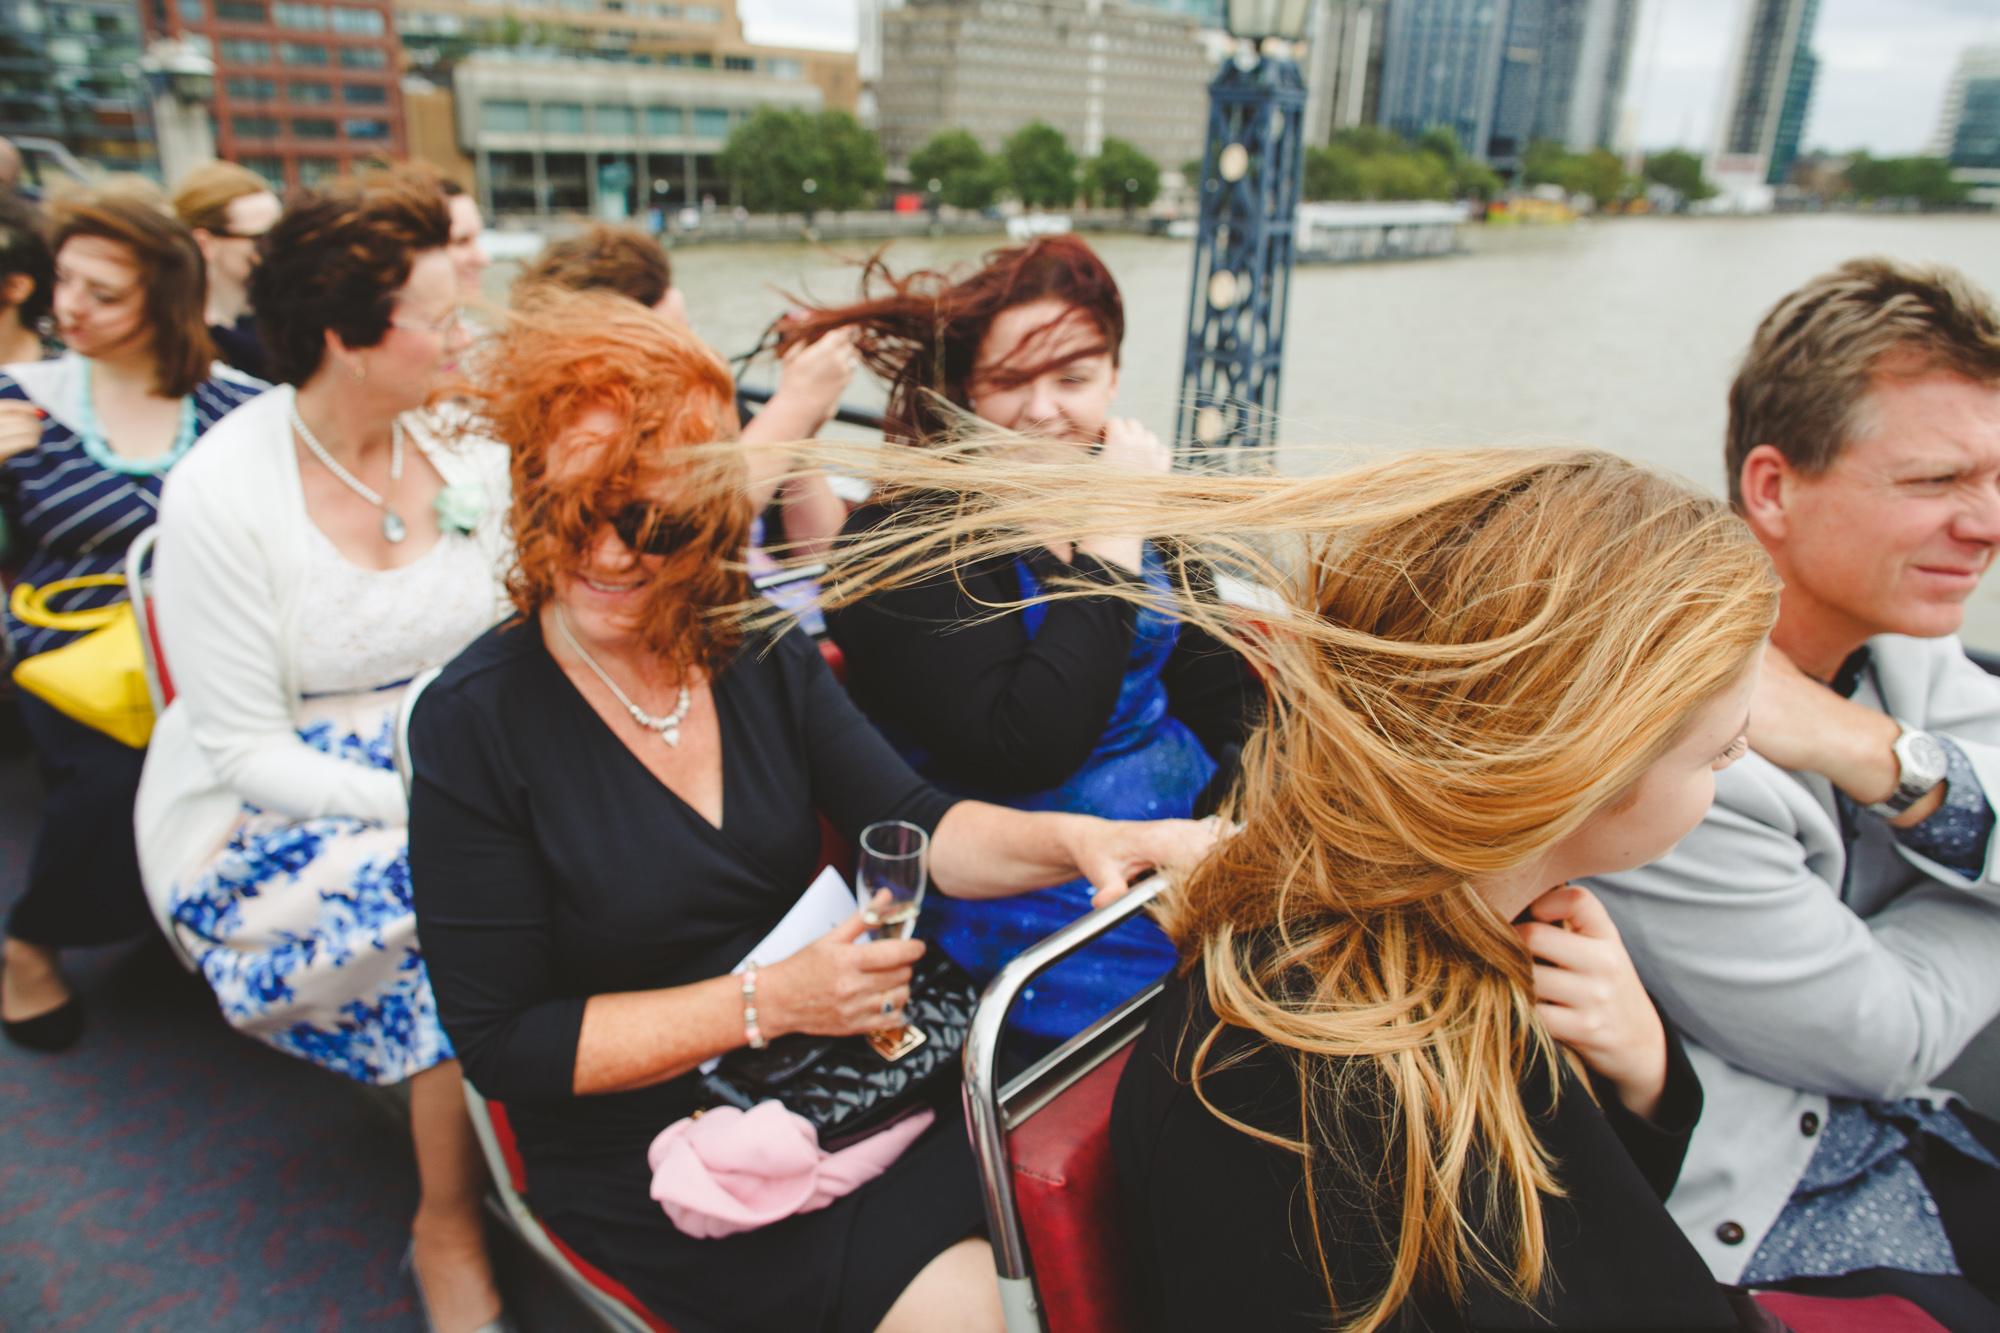 london-wedding-photographer--12.jpg